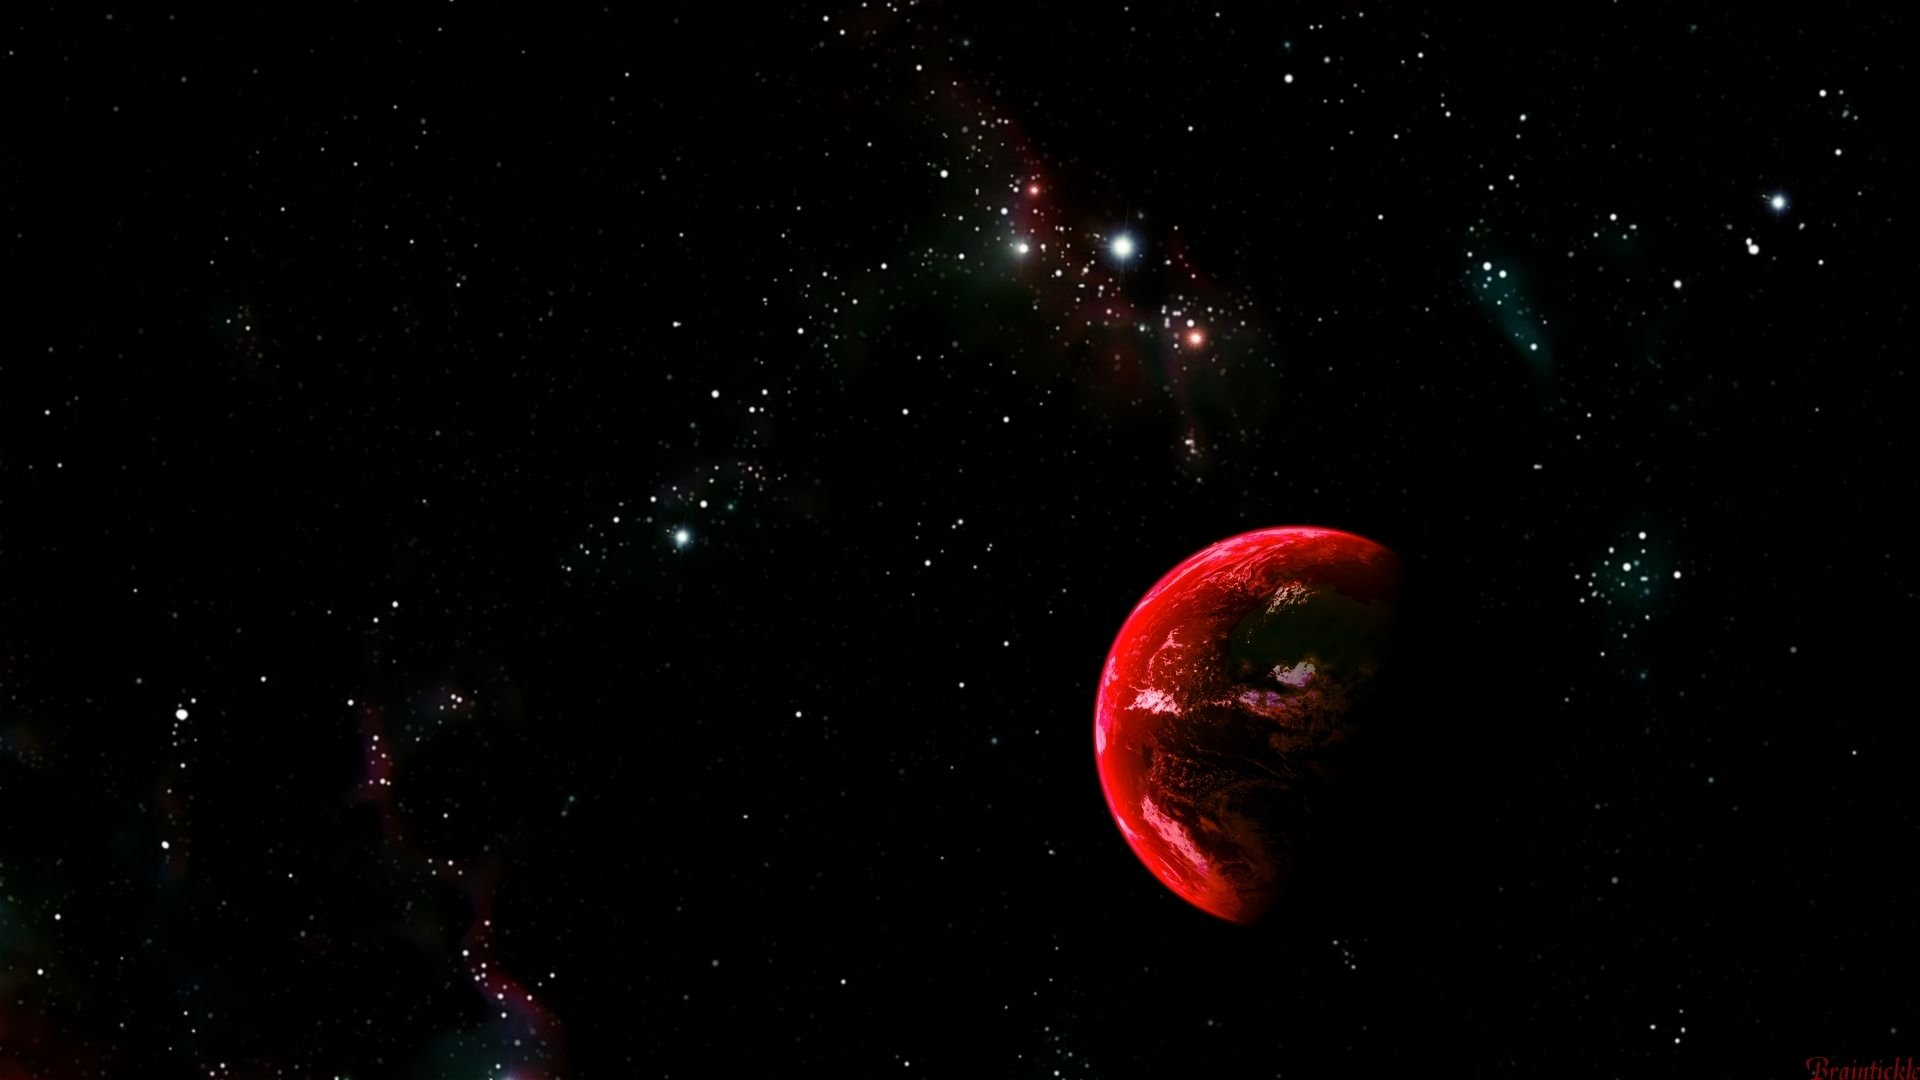 Red earth with stars nebula wallpaper 1080p hd - 1080p nebula wallpaper ...